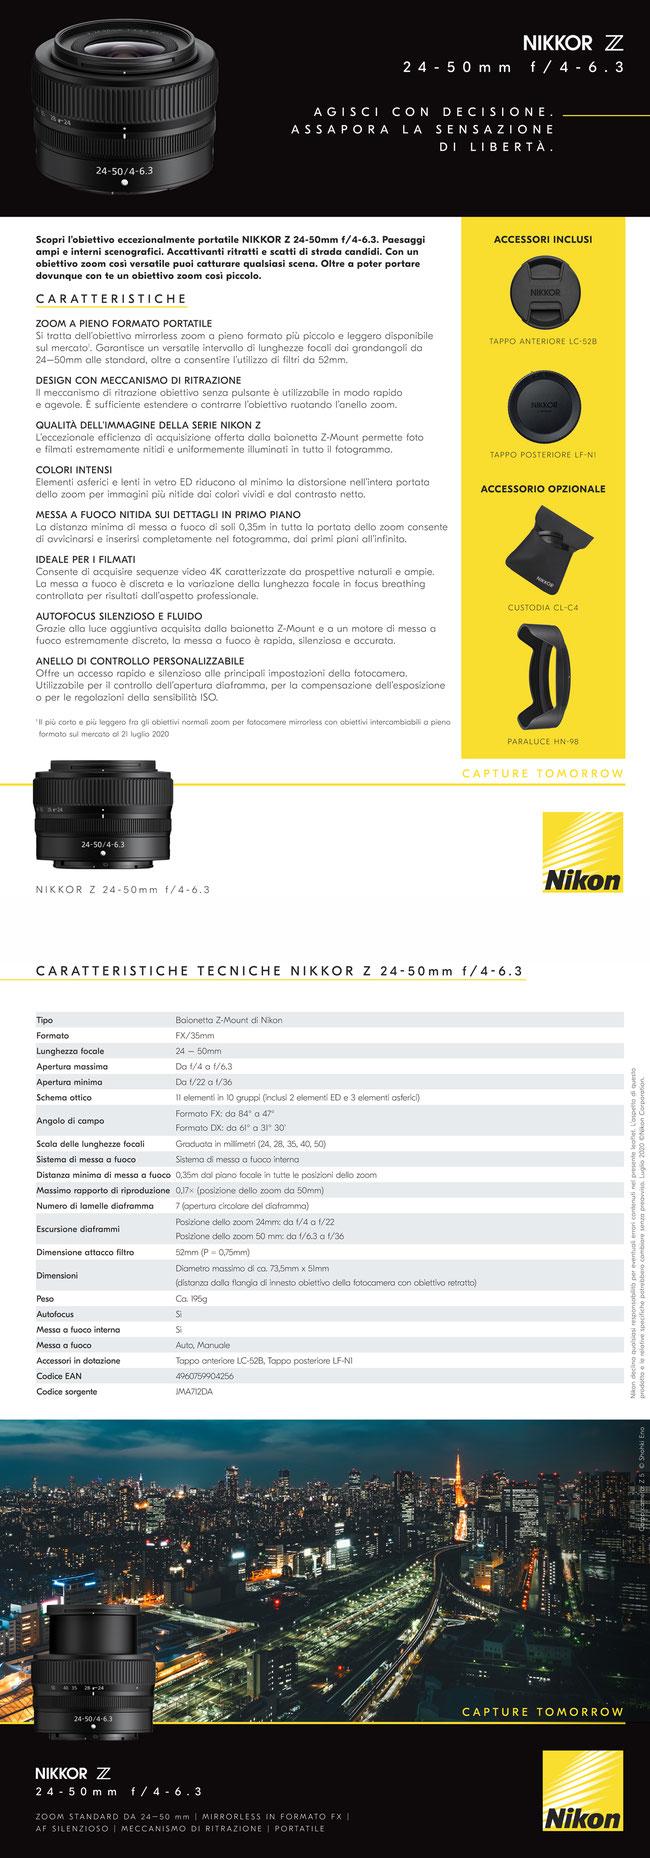 nuovo_nikon_z_24-50mm_nikkor